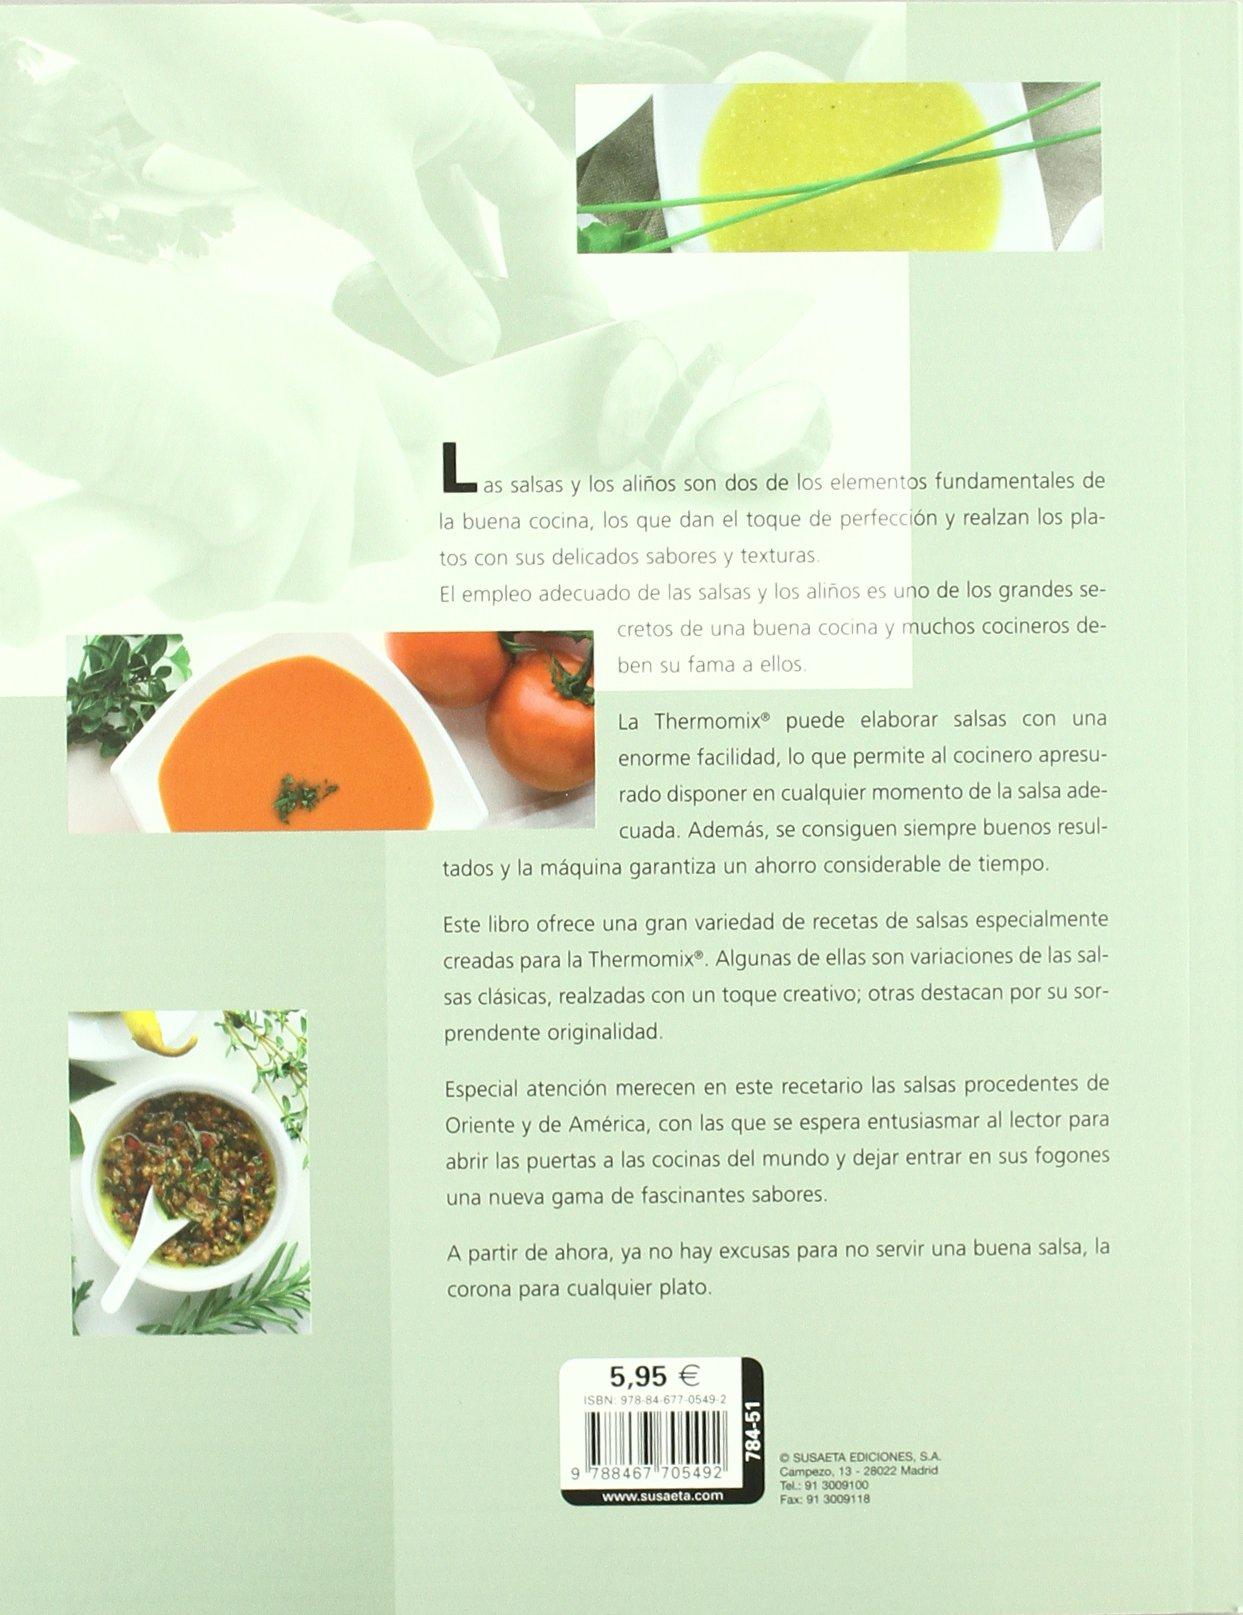 Salsas y aliños con Thermomix (El Rincón Del Paladar): Amazon.es: Equipo Susaeta: Libros